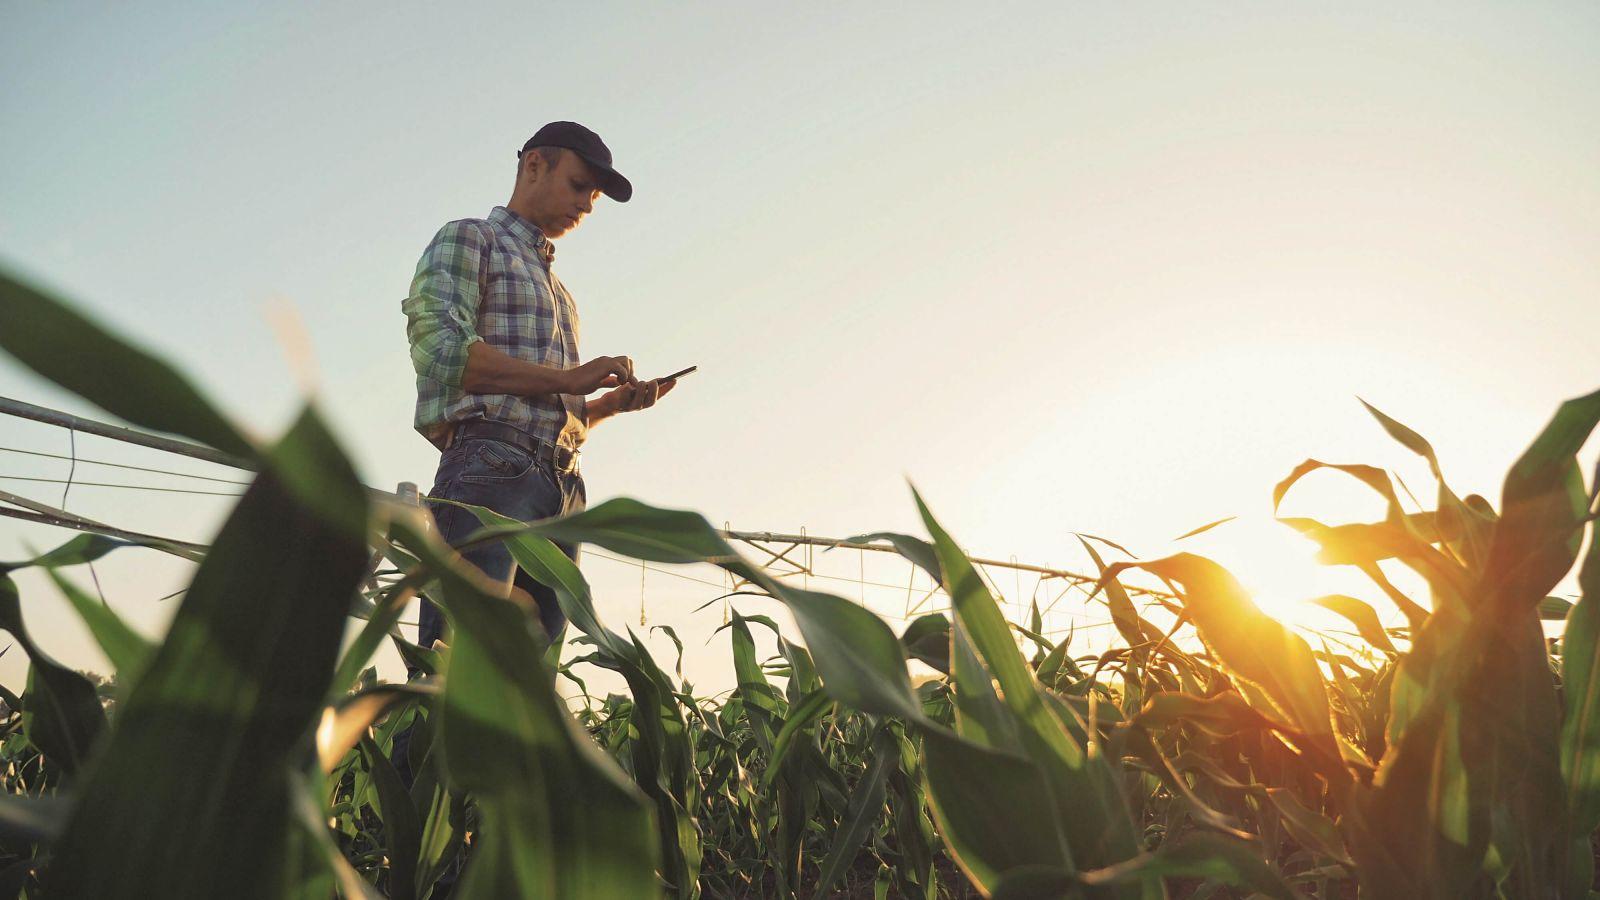 От партнерских программ до векселей. Как кредитуют украинских аграриев и...